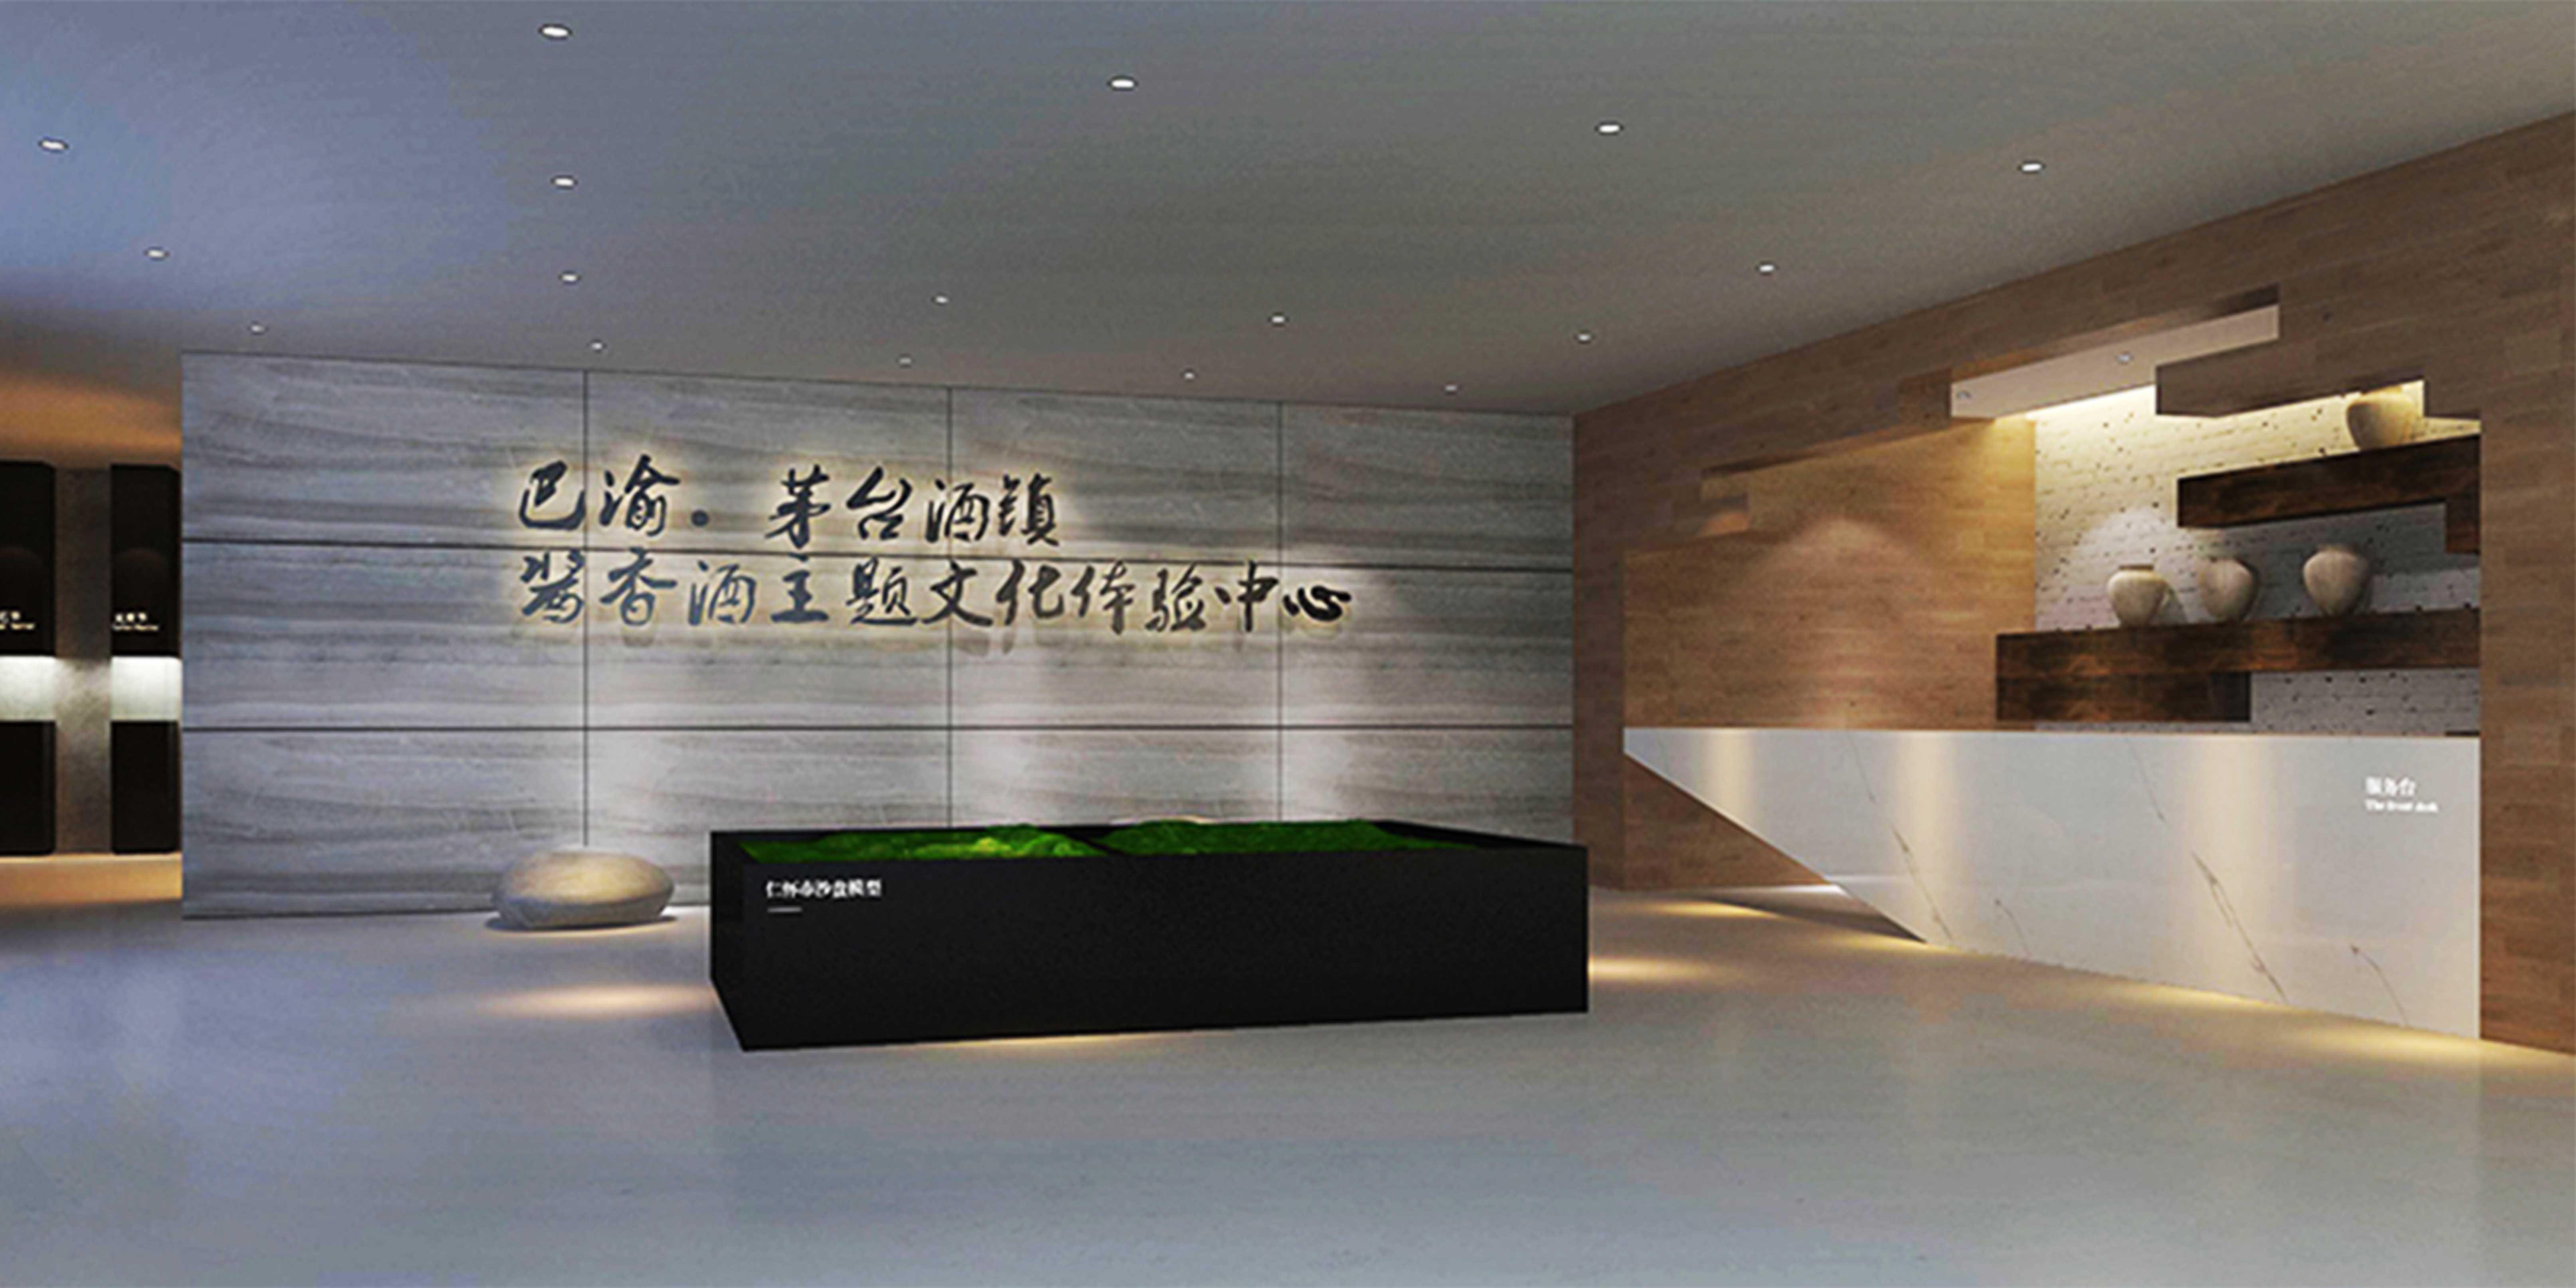 巴渝・茅台酒镇 酱香酒主题文化体验厅